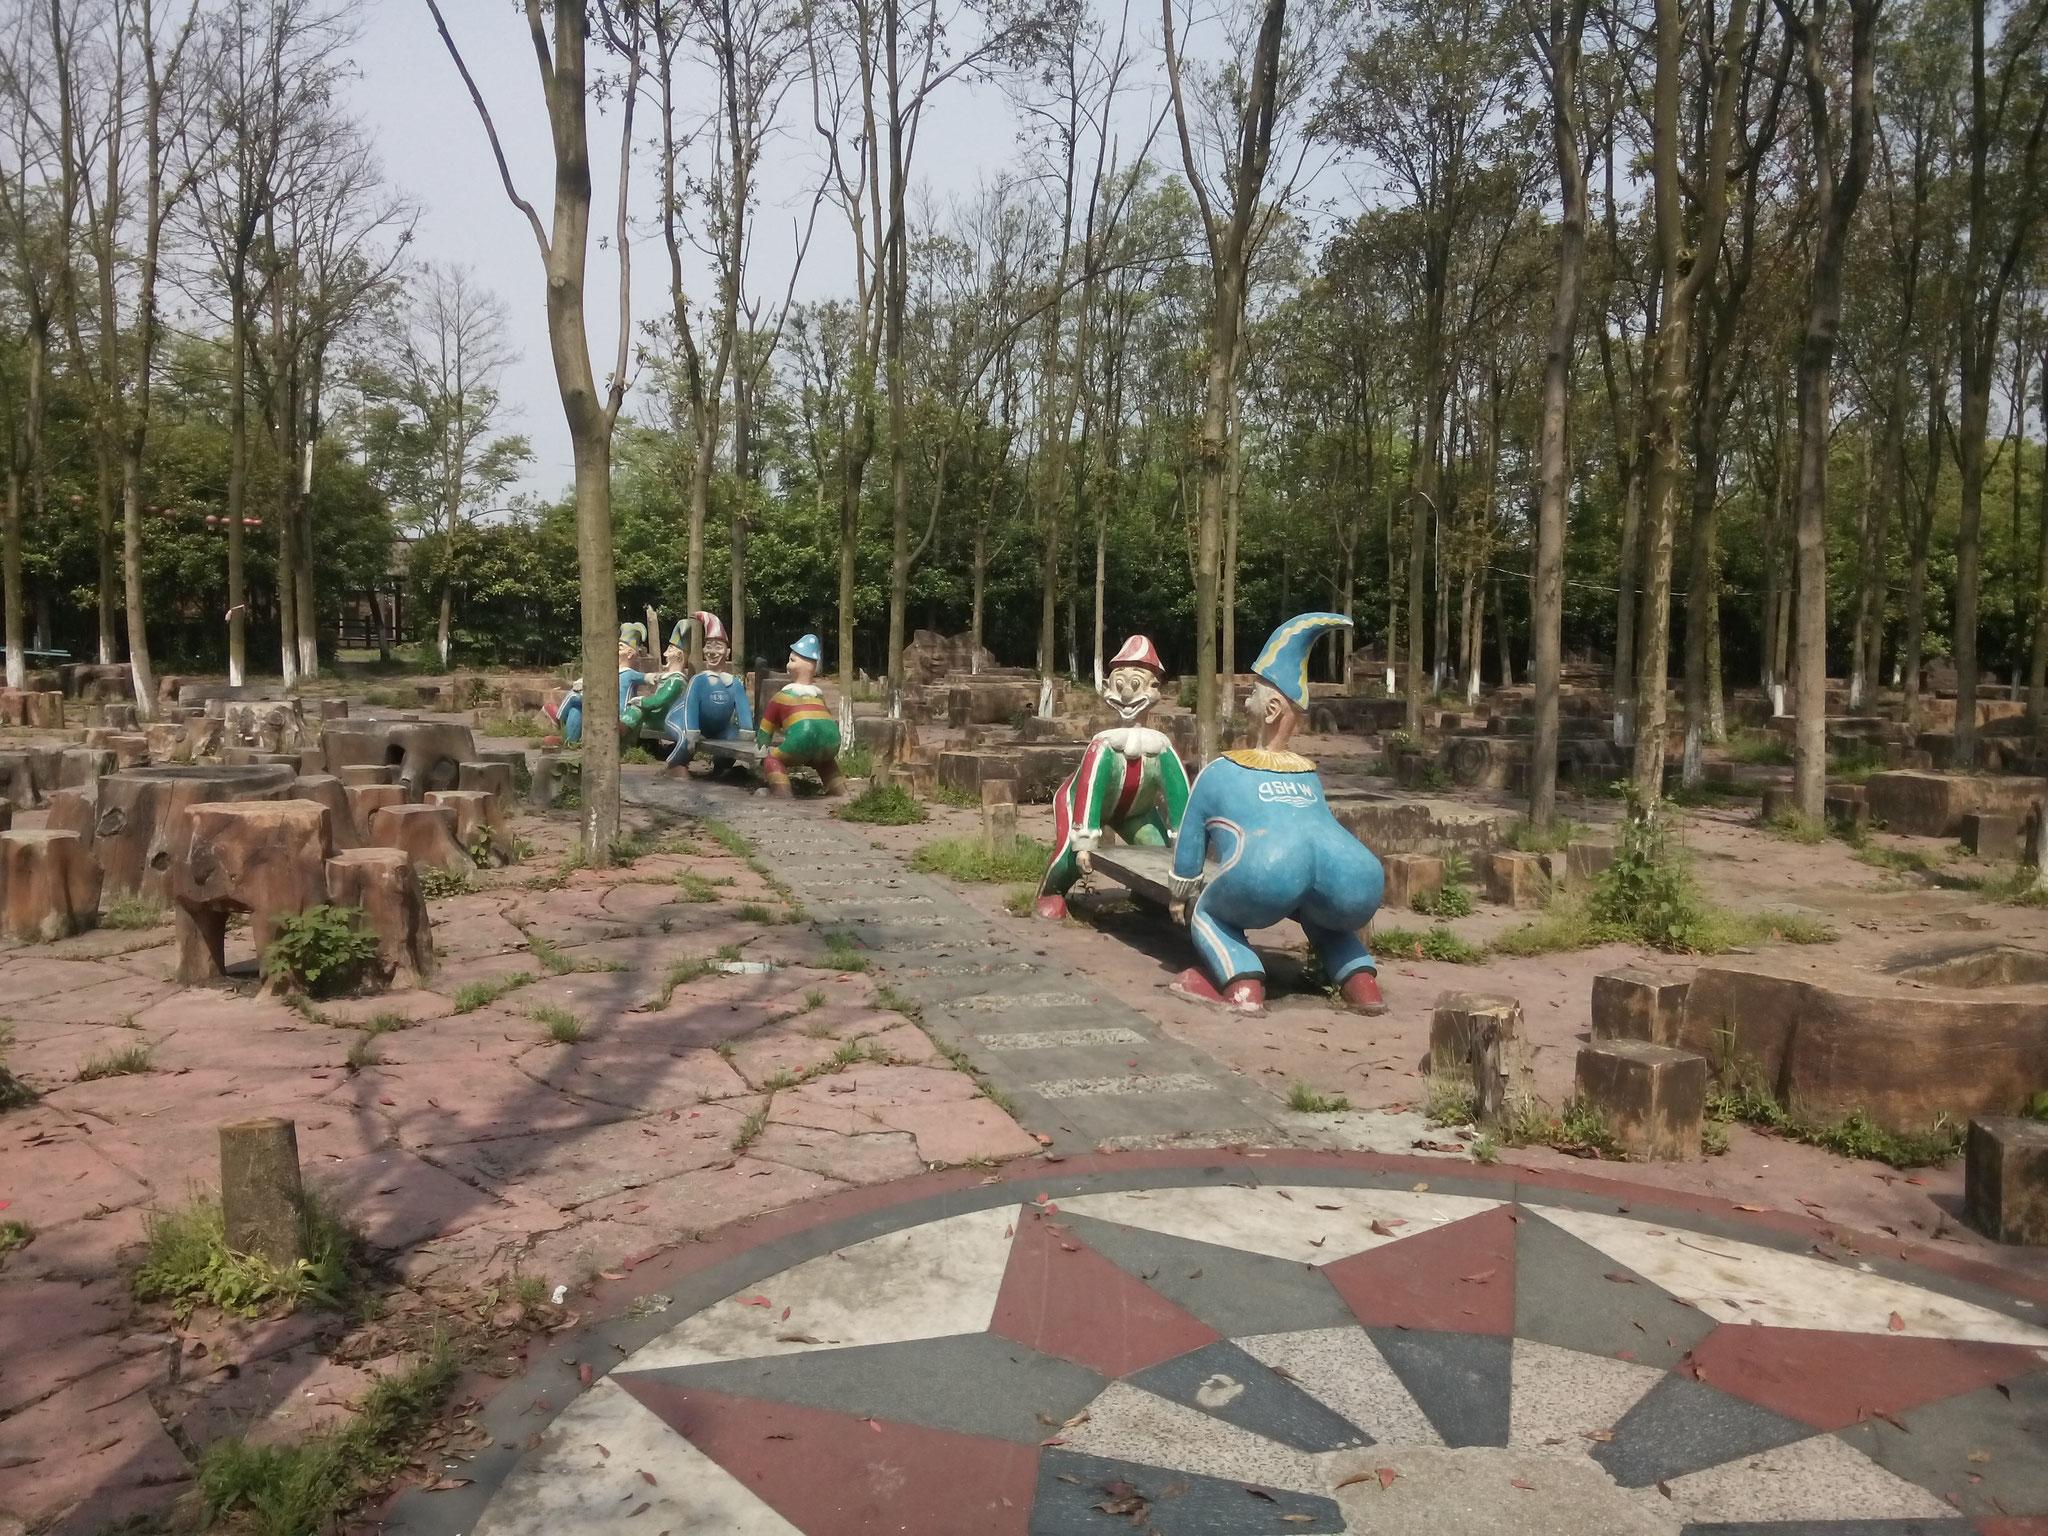 Grillpark mit Betontischen in Baumstammoptik